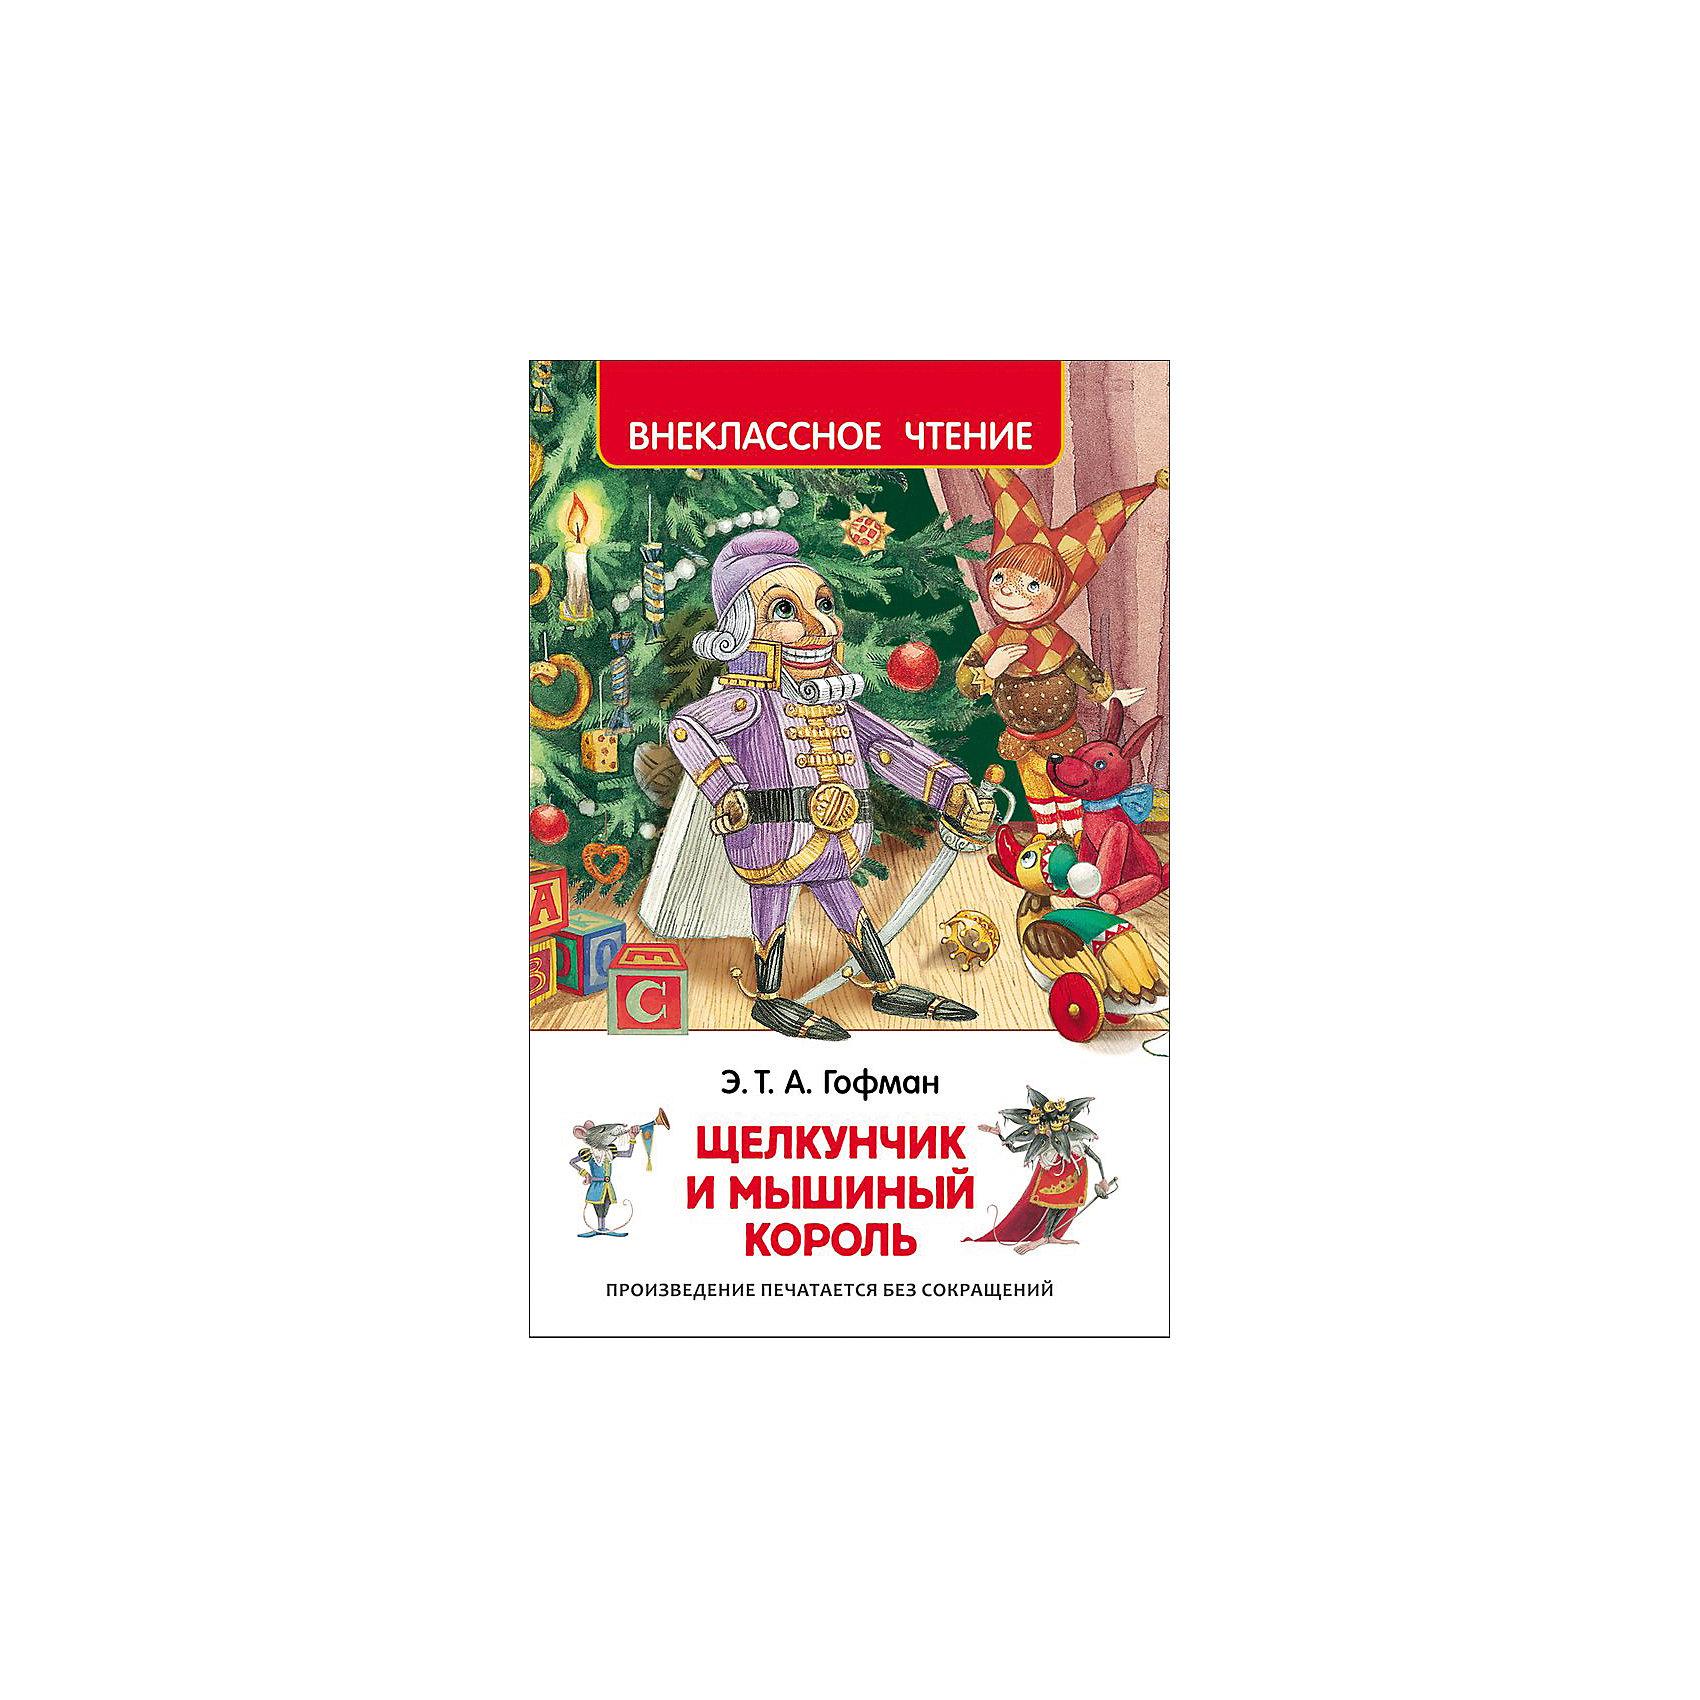 Щелкунчик и мышиный король, Э.Т.А. ГофманЩелкунчик и Мышиный король - это замечательная, романтическая история о верности, любви и преданности. На Рождество Мари и ее брат получают в подарок игрушку, деревянного Щелкунчика, и от своего крестного узнают его историю. Оказывается, Щелкунчик не кто иной, как заколдованный принц, и обрести свой прежний человеческий  облик может лишь тогда, когда сразит Мышиного Короля и когда, несмотря на его уродство, его полюбит прекрасная девушка..<br><br>Порадуйте своего ребенка чудесным произведением!<br><br>Дополнительная информация: <br><br>- Автор: Э.Т.А. Гофман.<br>- Иллюстрации: цветные.<br>- Тип обложки: твердый переплет.<br>- Кол-во страниц: 128<br>- Материал: бумага, картон.<br>- ISBN: 978-5-353-07883-8<br><br>Купить книгу Щелкунчик и мышиный король Э.Т.А. Гофман, можно в нашем магазине.<br><br>Ширина мм: 202<br>Глубина мм: 132<br>Высота мм: 10<br>Вес г: 190<br>Возраст от месяцев: 84<br>Возраст до месяцев: 144<br>Пол: Унисекс<br>Возраст: Детский<br>SKU: 4970608